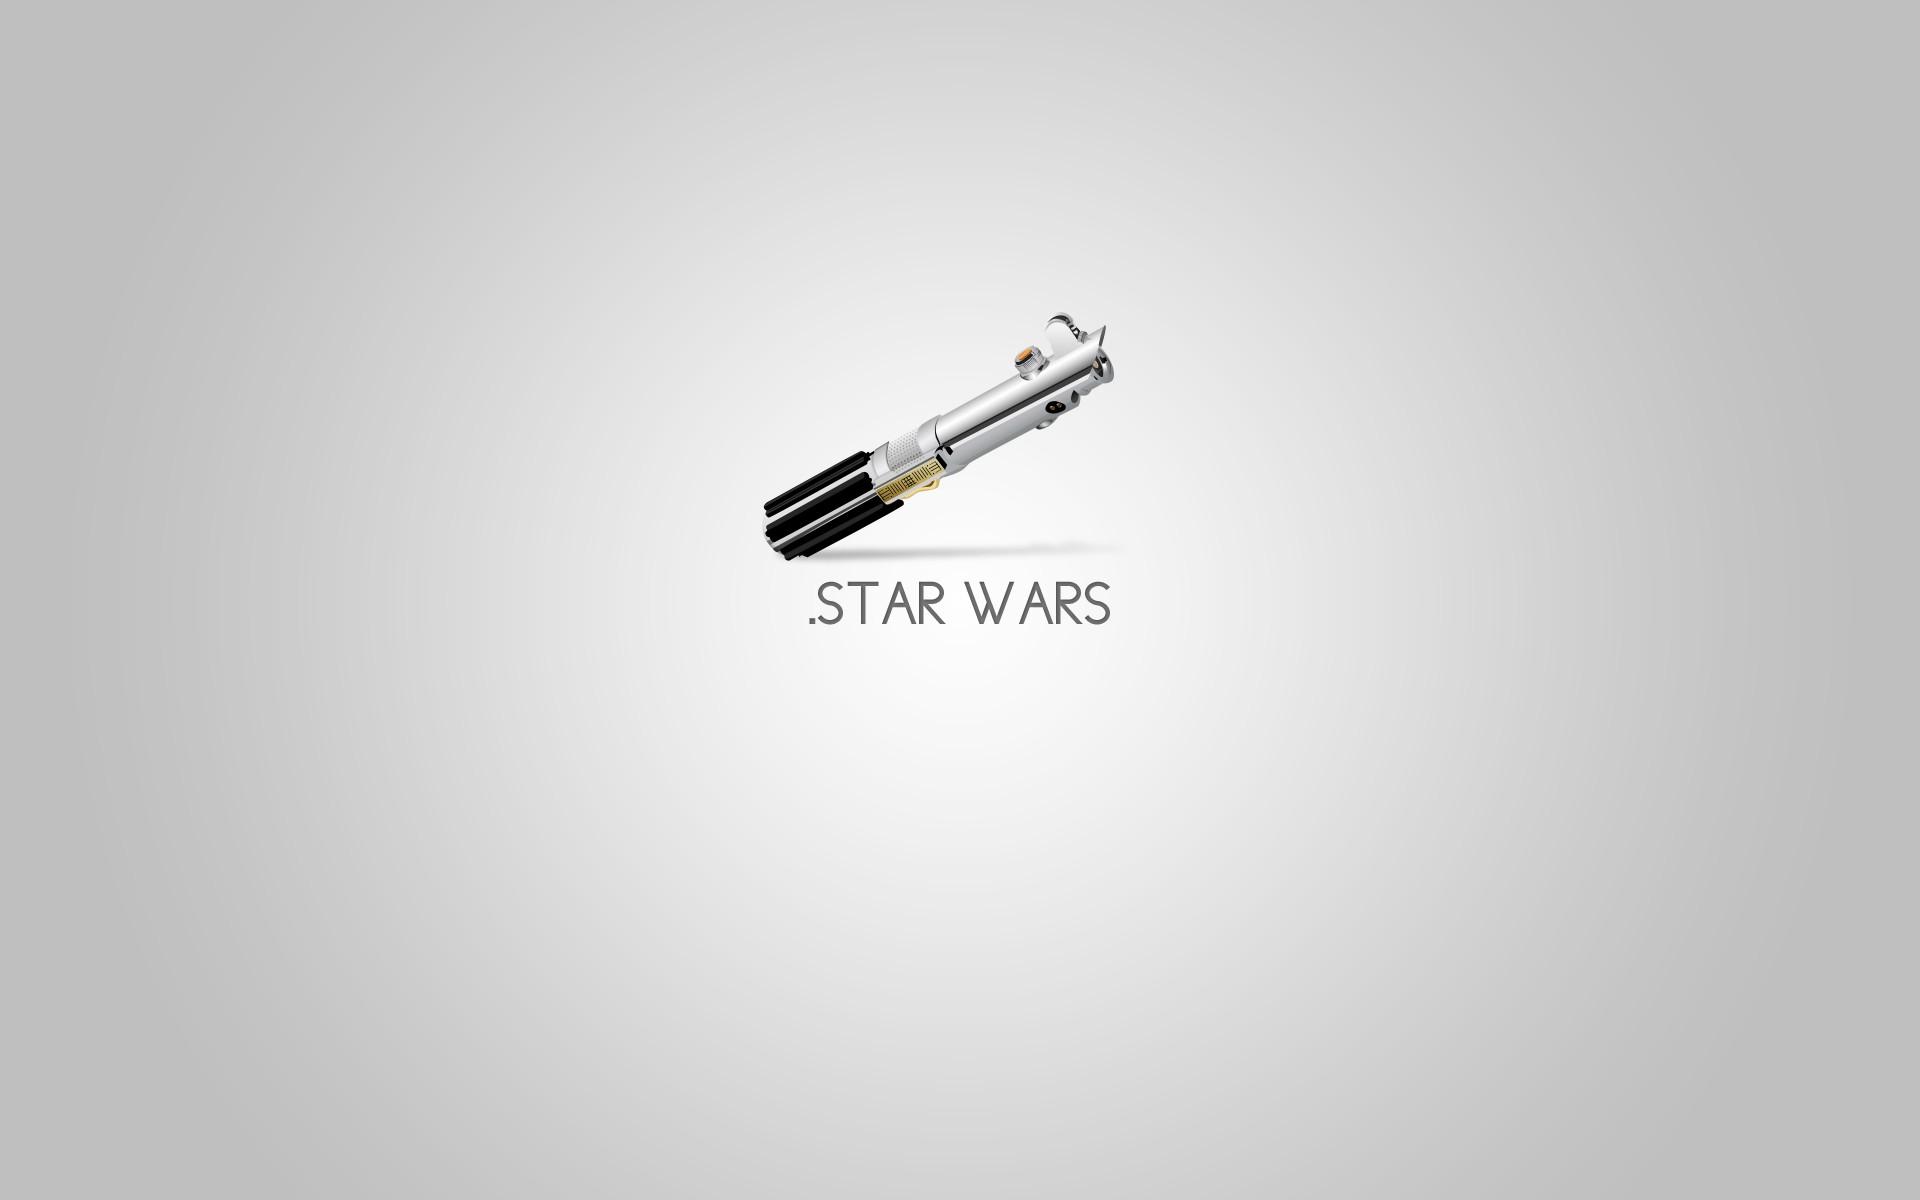 Star Wars Minimalistic Movies Lightsabers Wallpaper